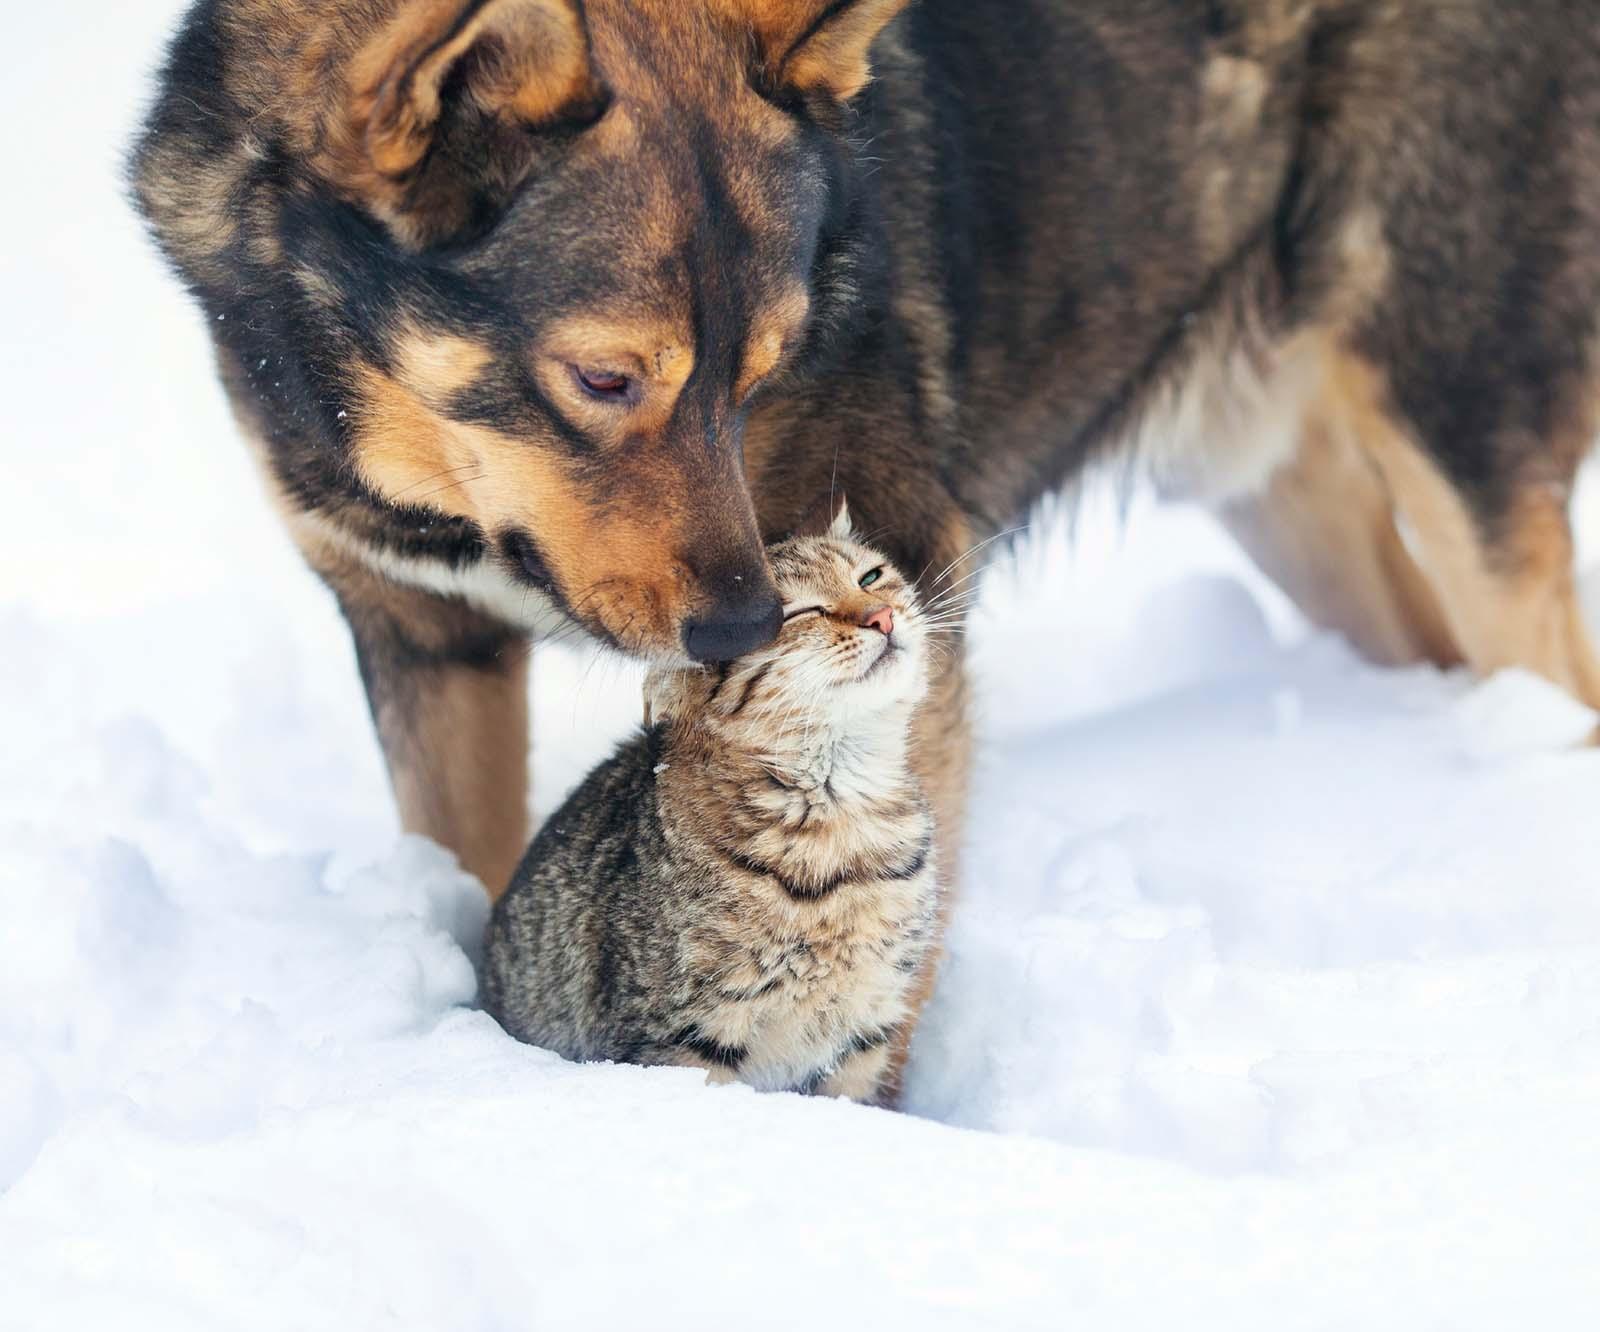 PETA-Broschüre über tierische Mitbewohner